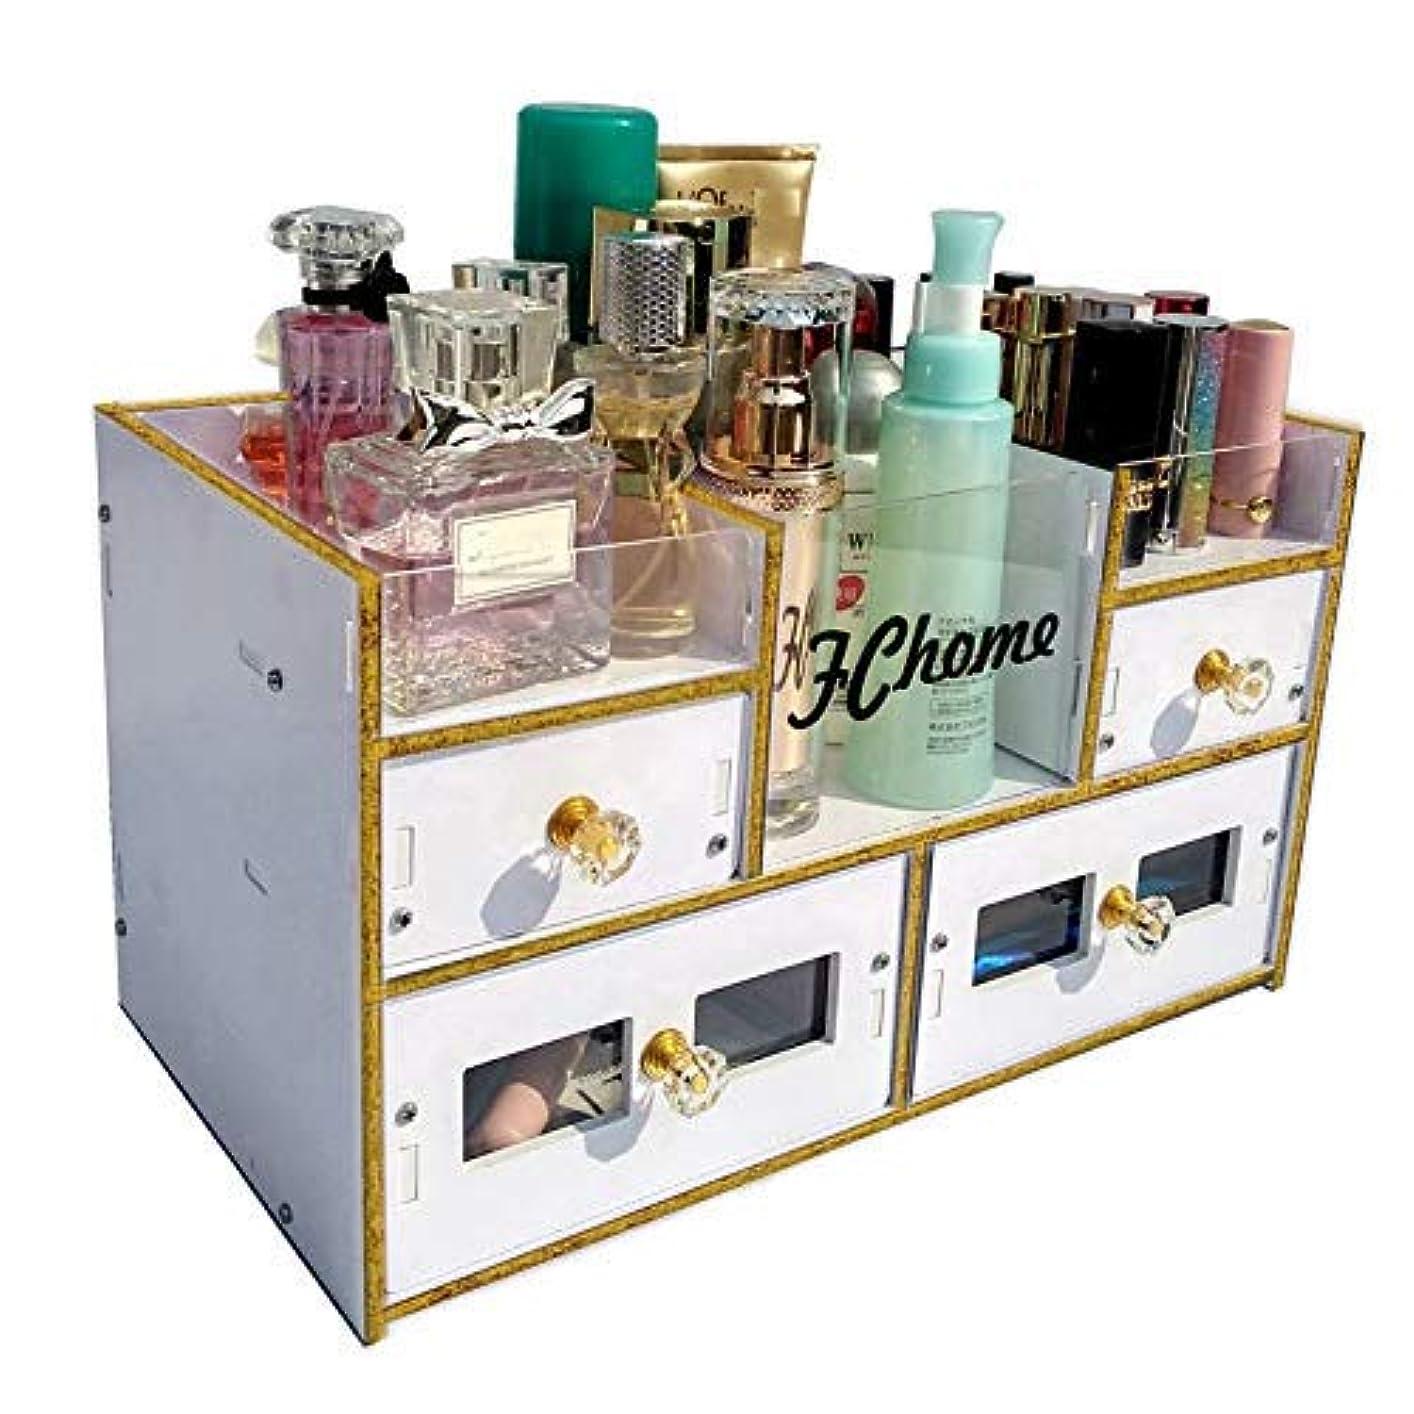 魅惑するシャーク月FChome化粧オーガナイザー、4引き出しアクリルおよびPVC化粧品収納ケースジュエリー、化粧ブラシ、口紅などの大容量多機能収納コンテナボックス(ゴールド)